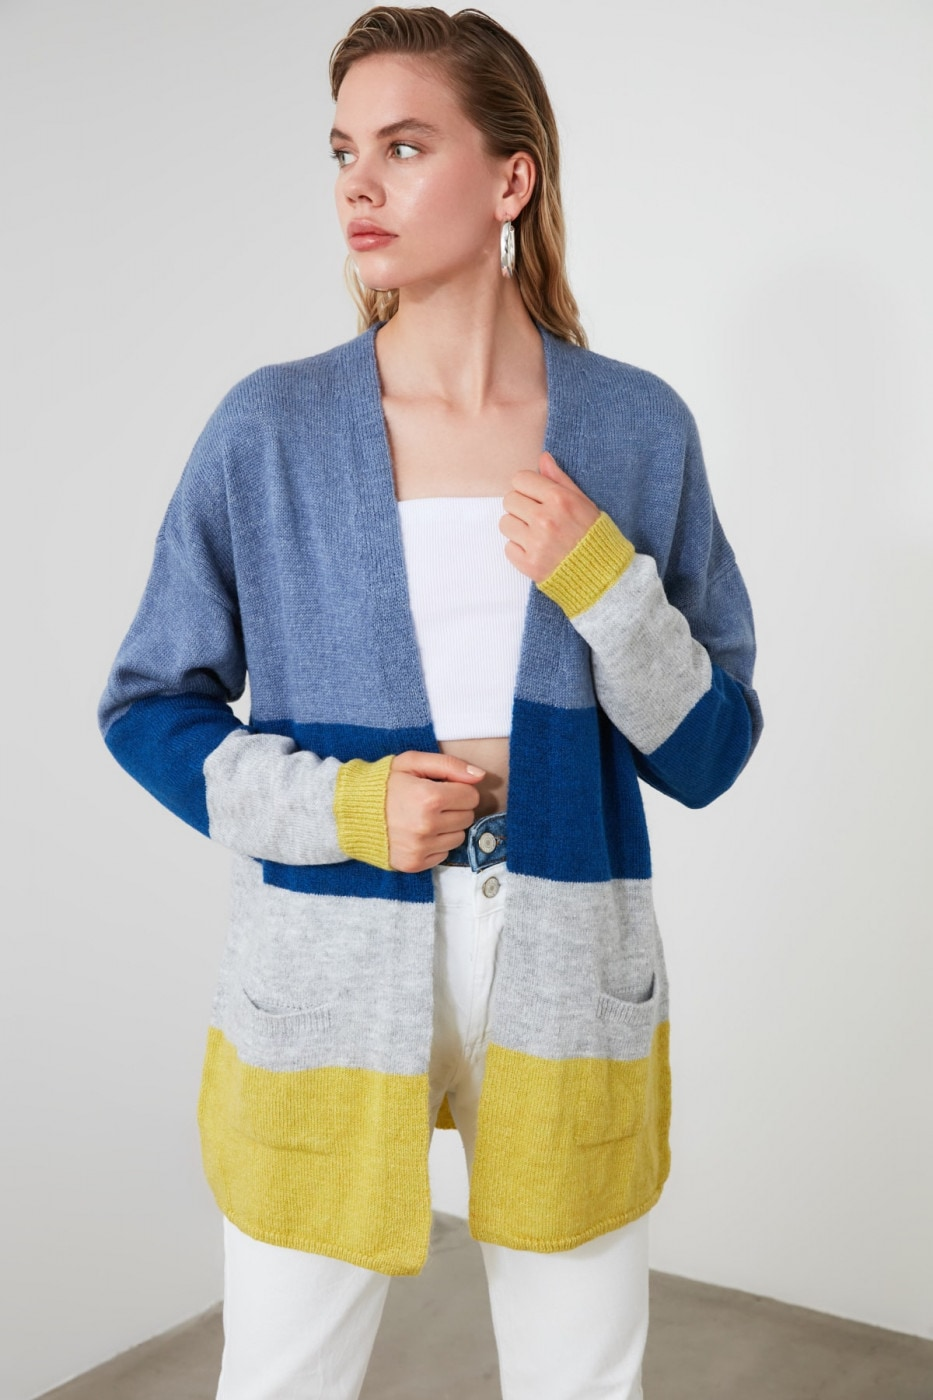 Trendyol Blue Block KnitWear Cardigan